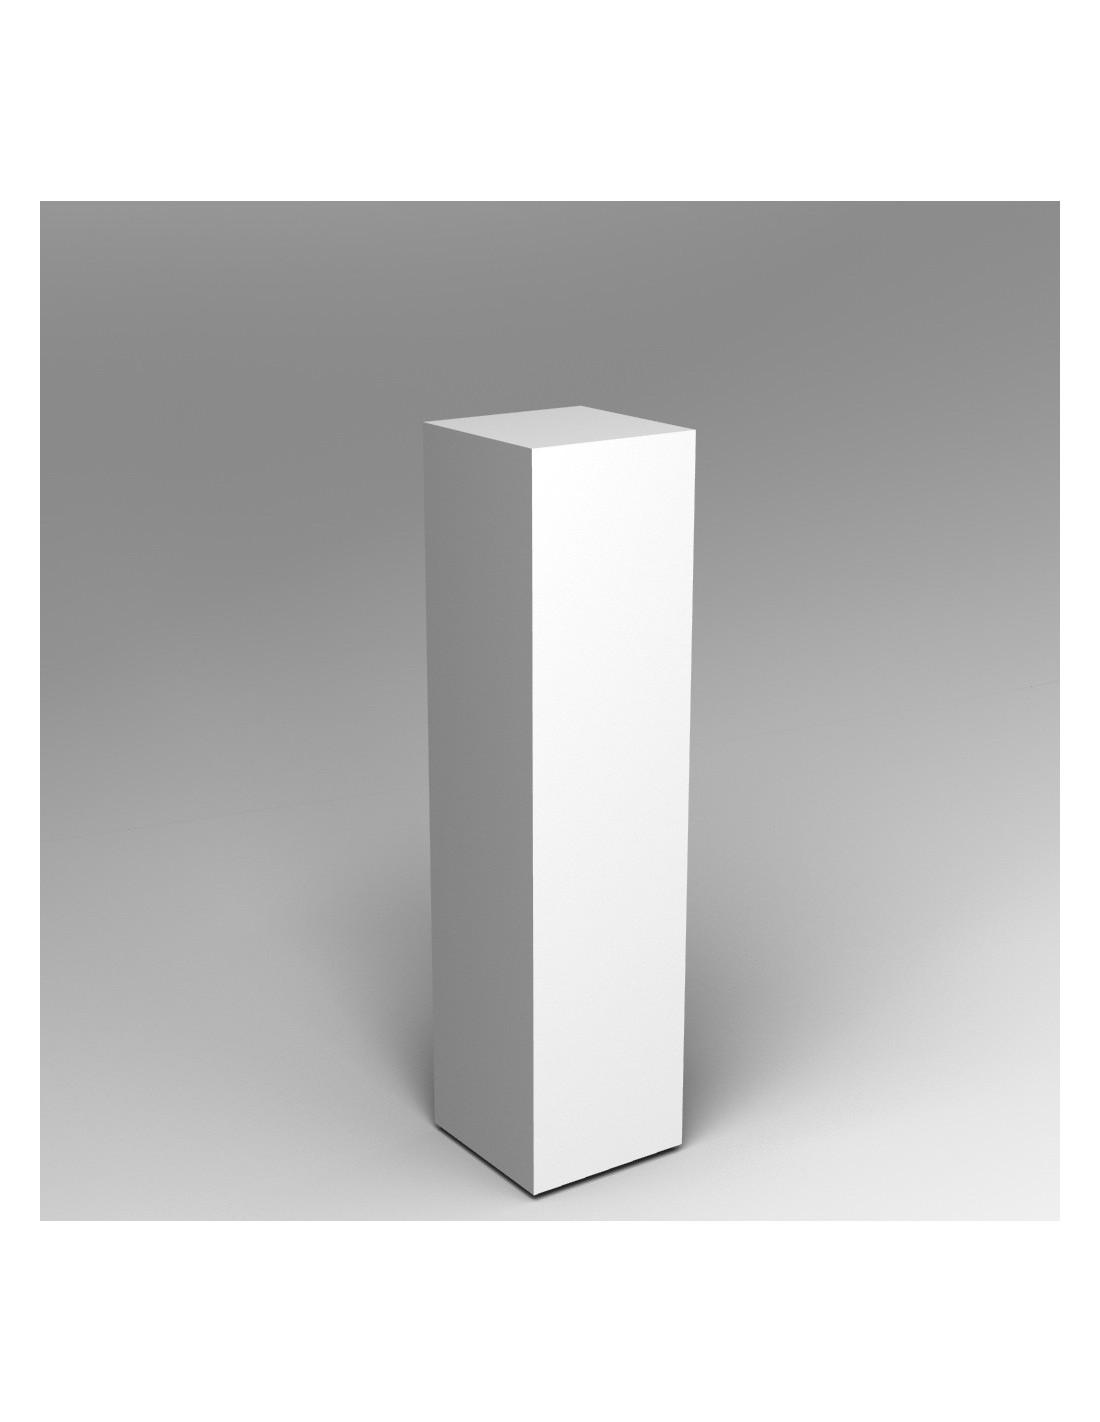 Plinth For Sale